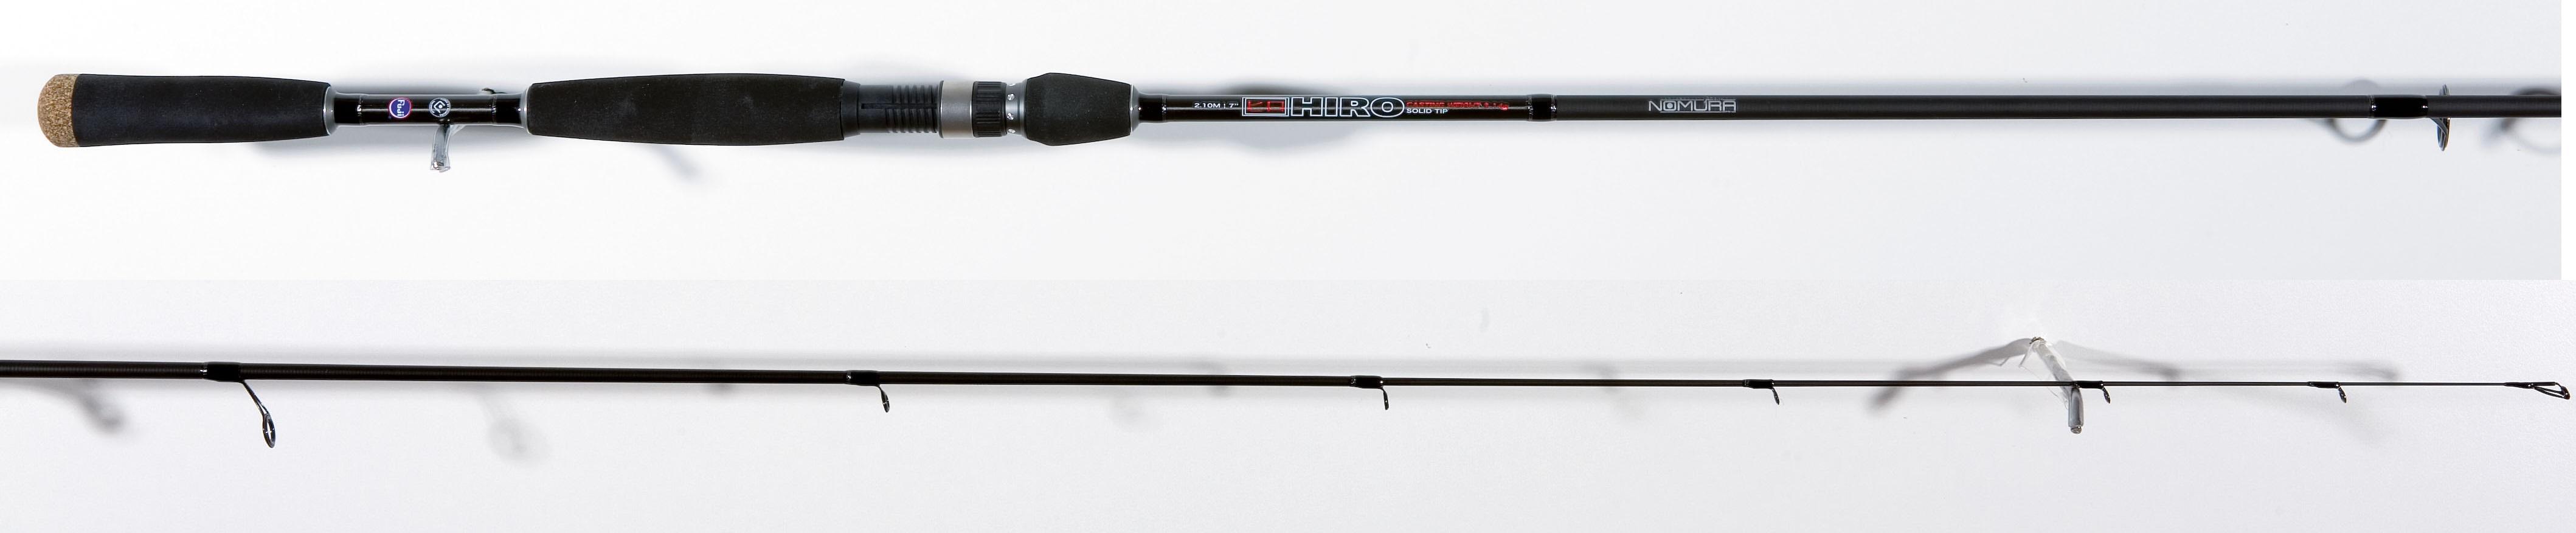 Спиннинг Nomura Hiro 1.95м 2-12гр.